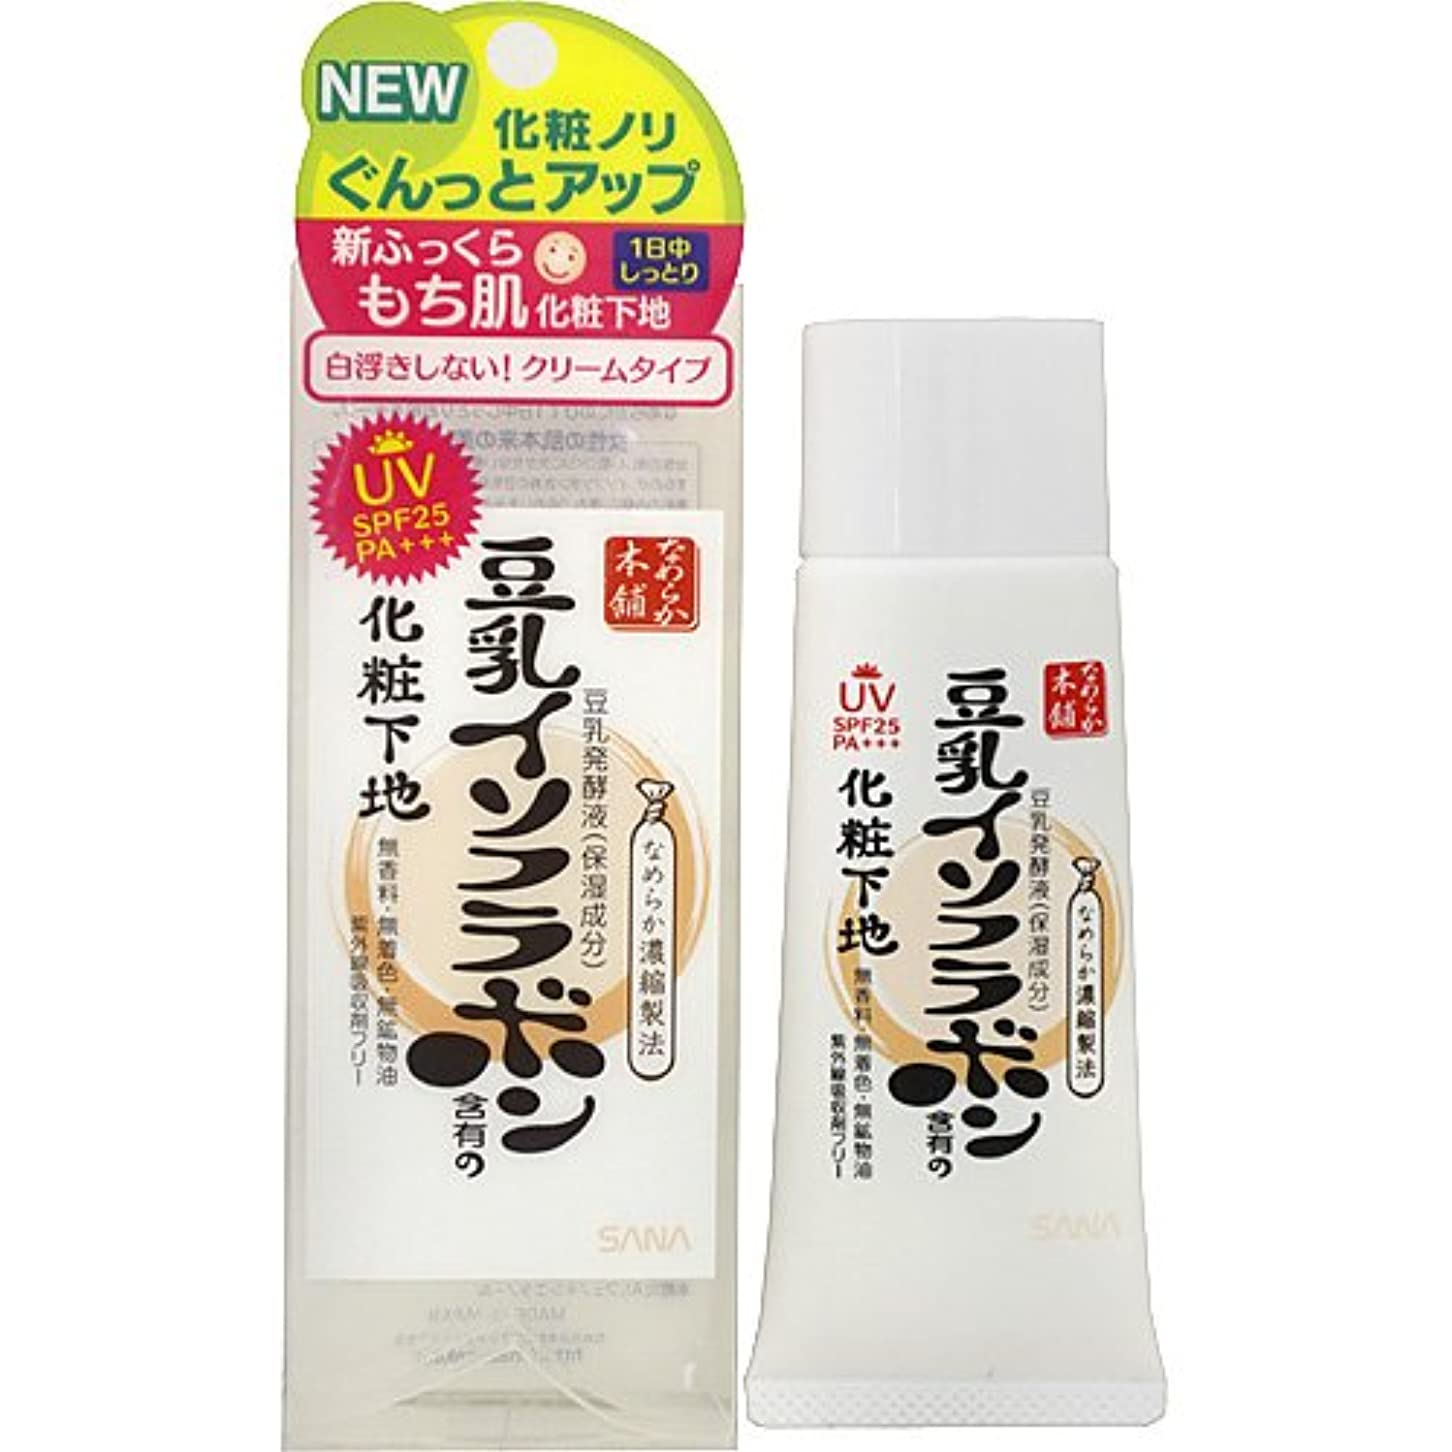 指導するメイドはさみサナ なめらか本舗 豆乳イソフラボン含有のUV化粧下地N 40g x 3